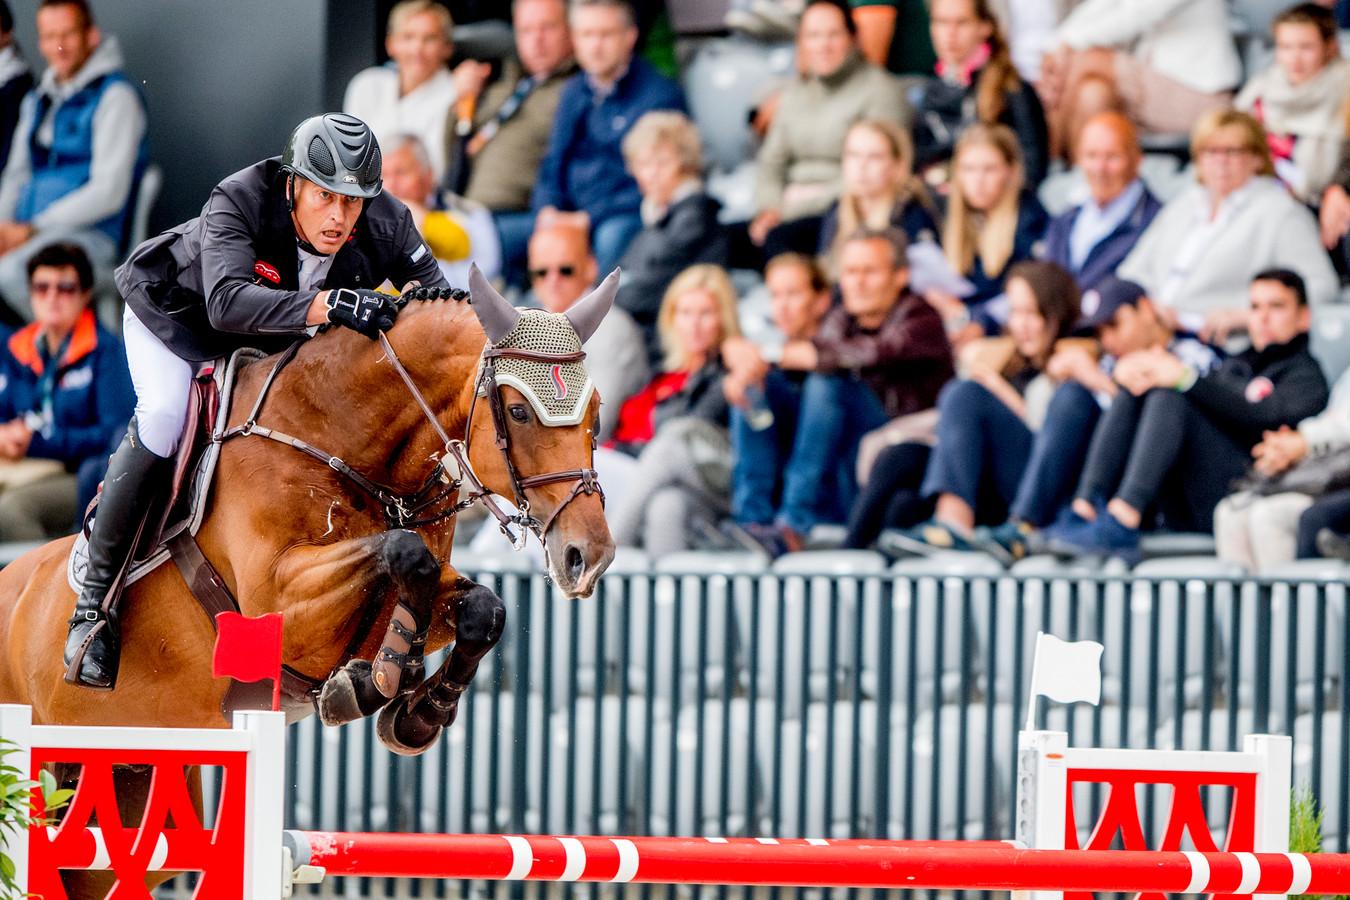 Marc Houtzager is met Sterrehof's Calimero kandidaat voor de Olympische Spelen, maar wedstrijden springen is er deze maand niet bij.